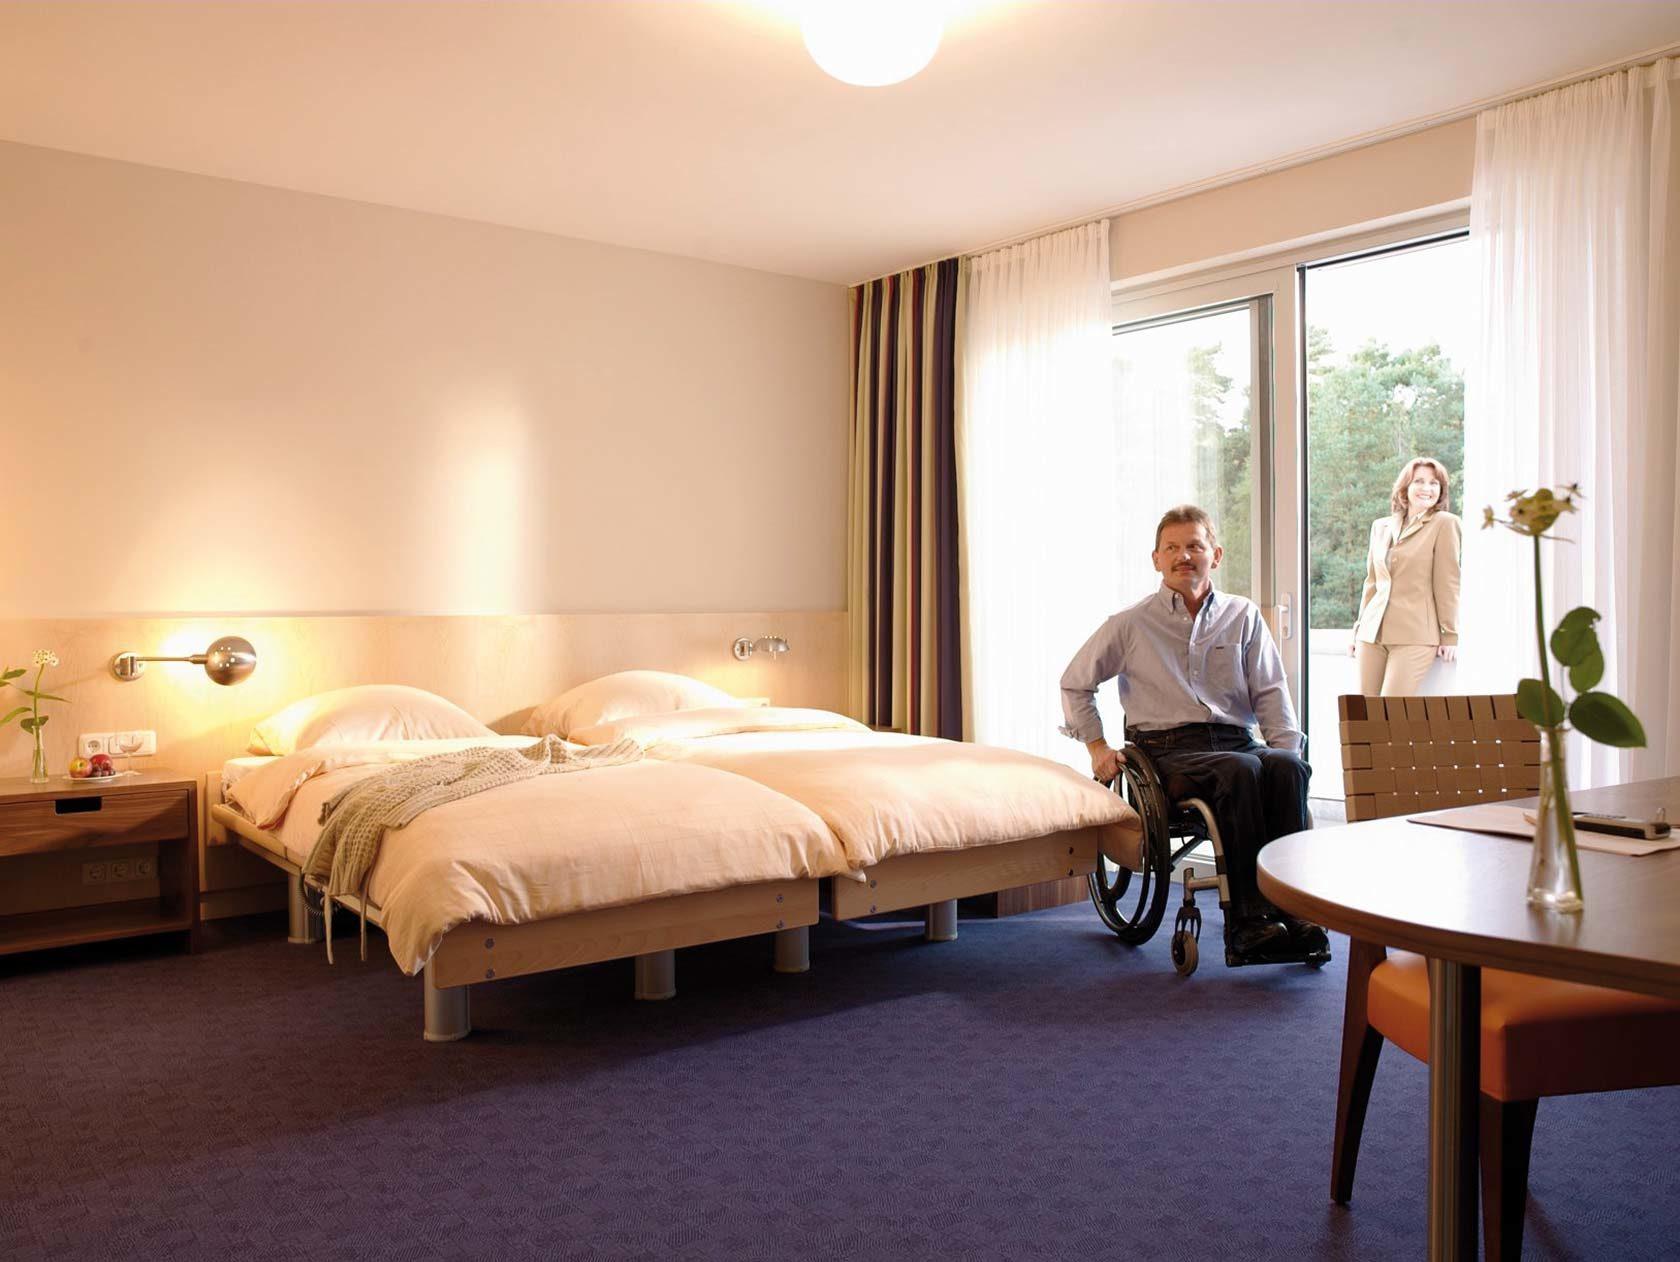 Doppelzimmer Komfort plus im Heidehotel Bad Bevensen